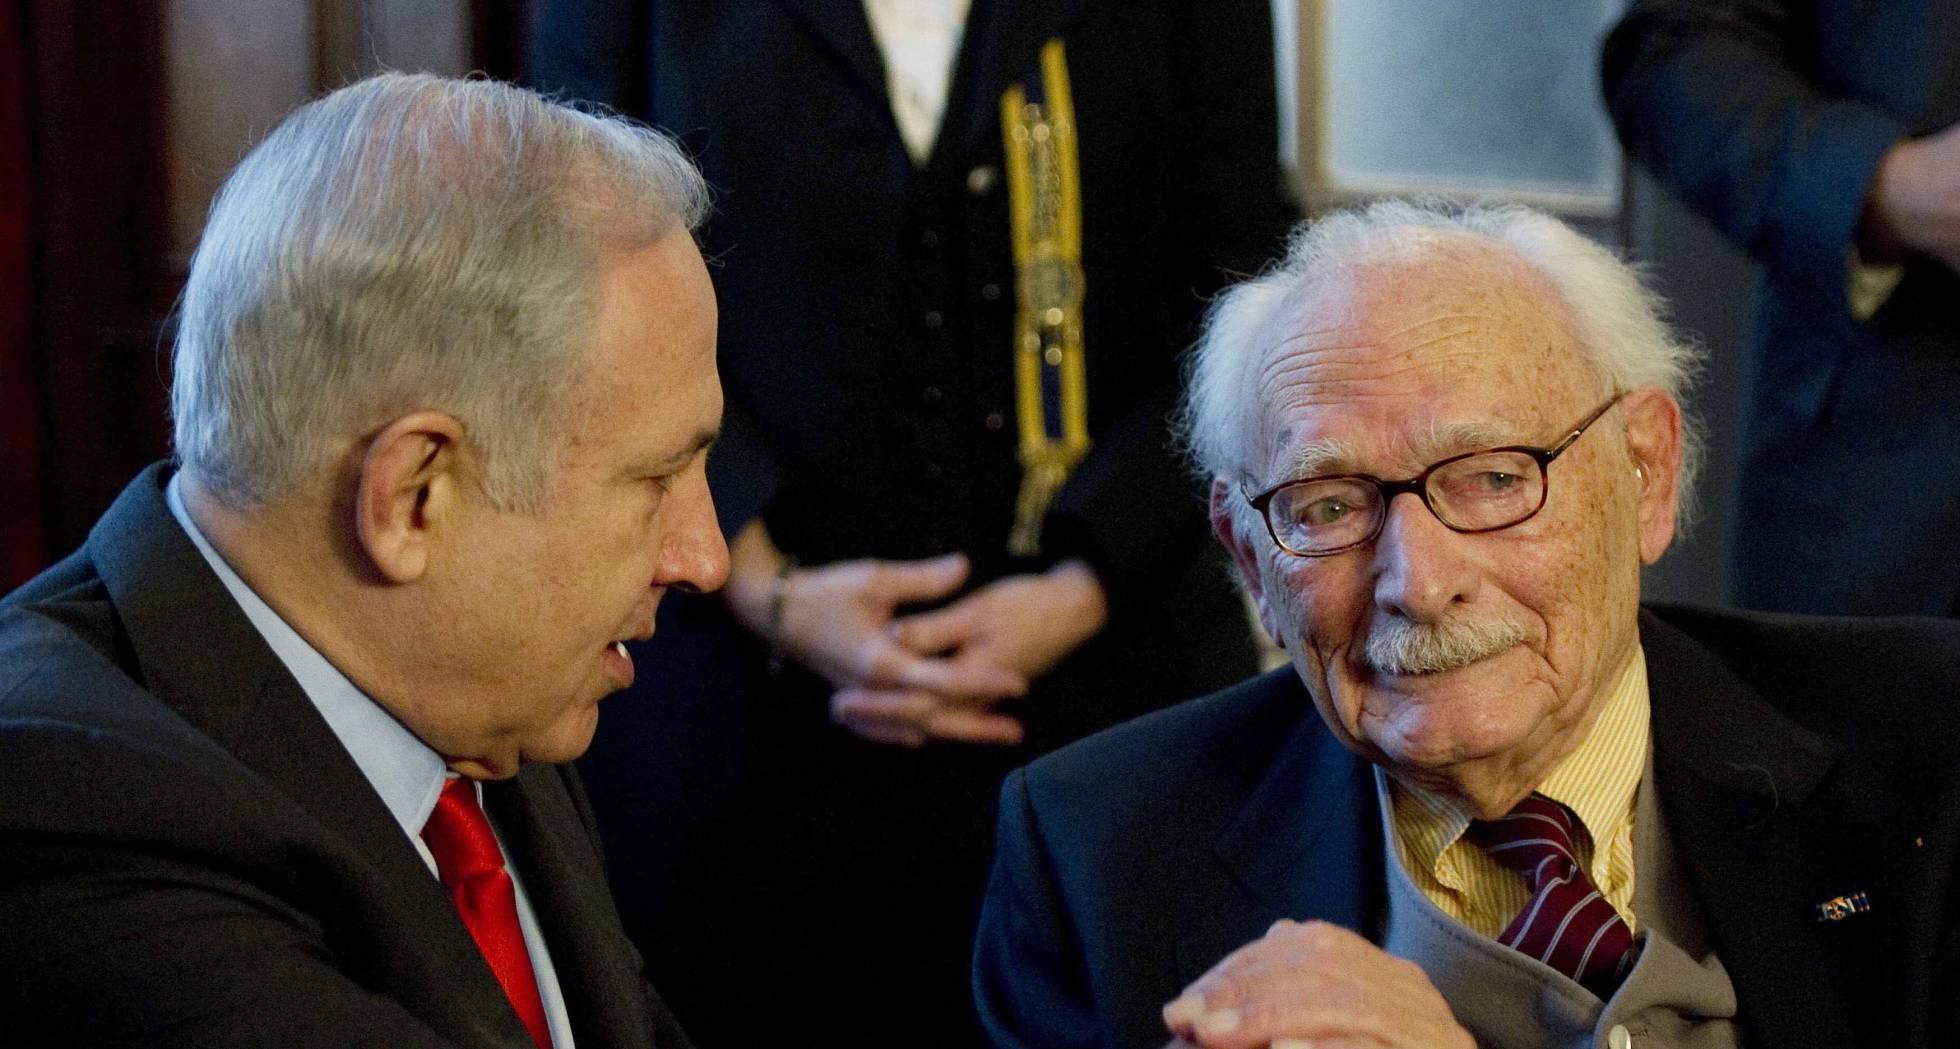 Falleció el profesor holandés que salvó a 600 niños de los nazis